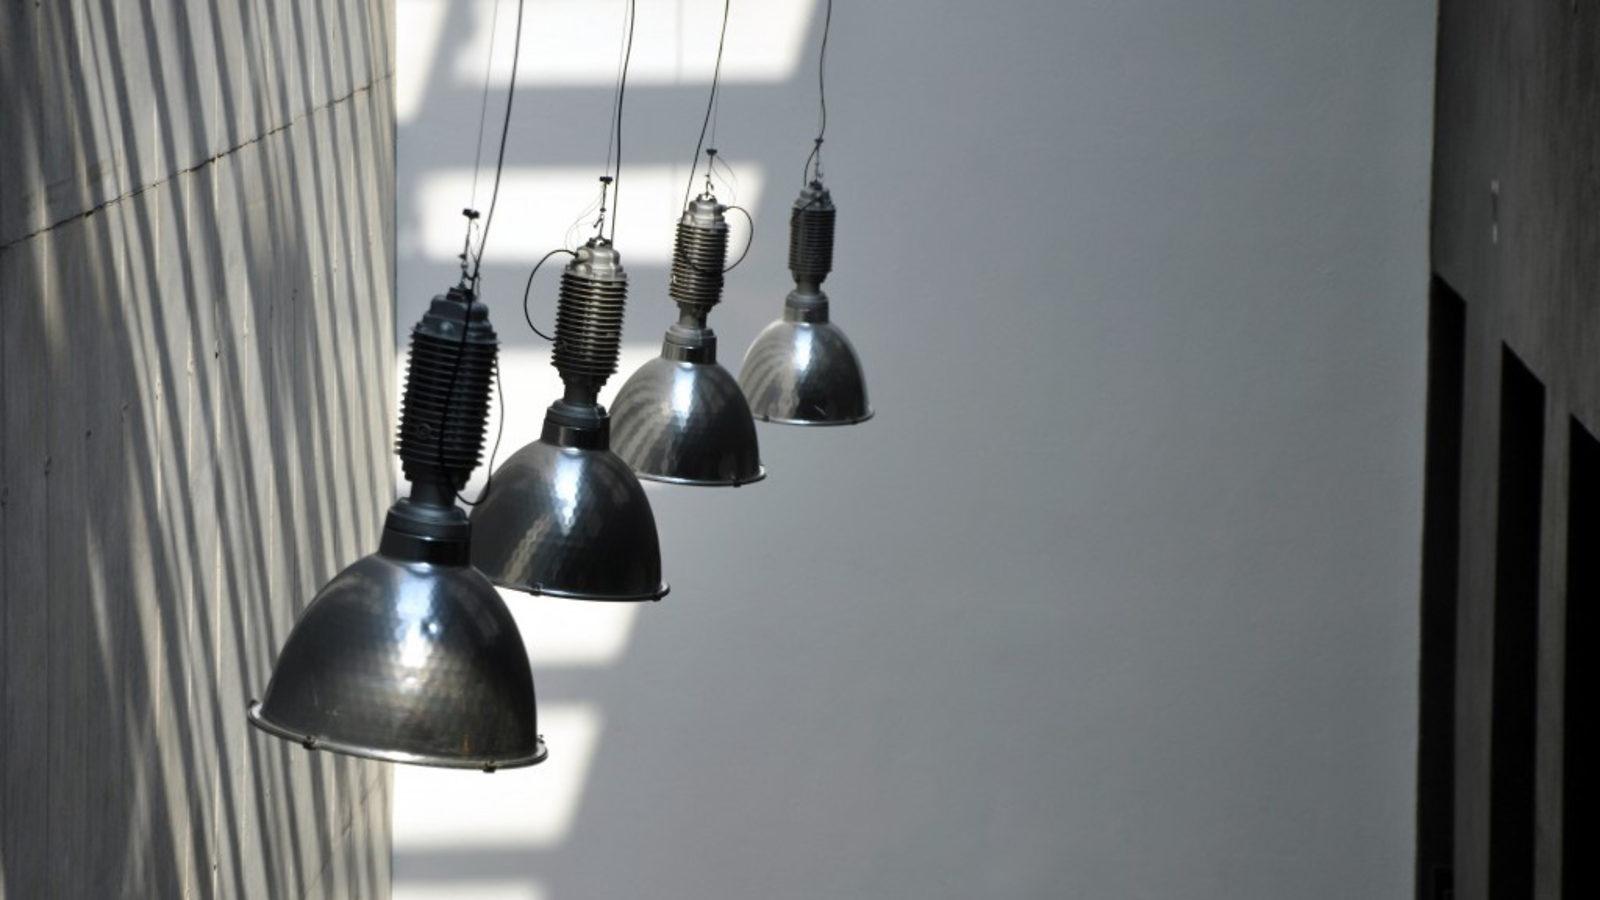 Photo: Julius von Bismarck lamps